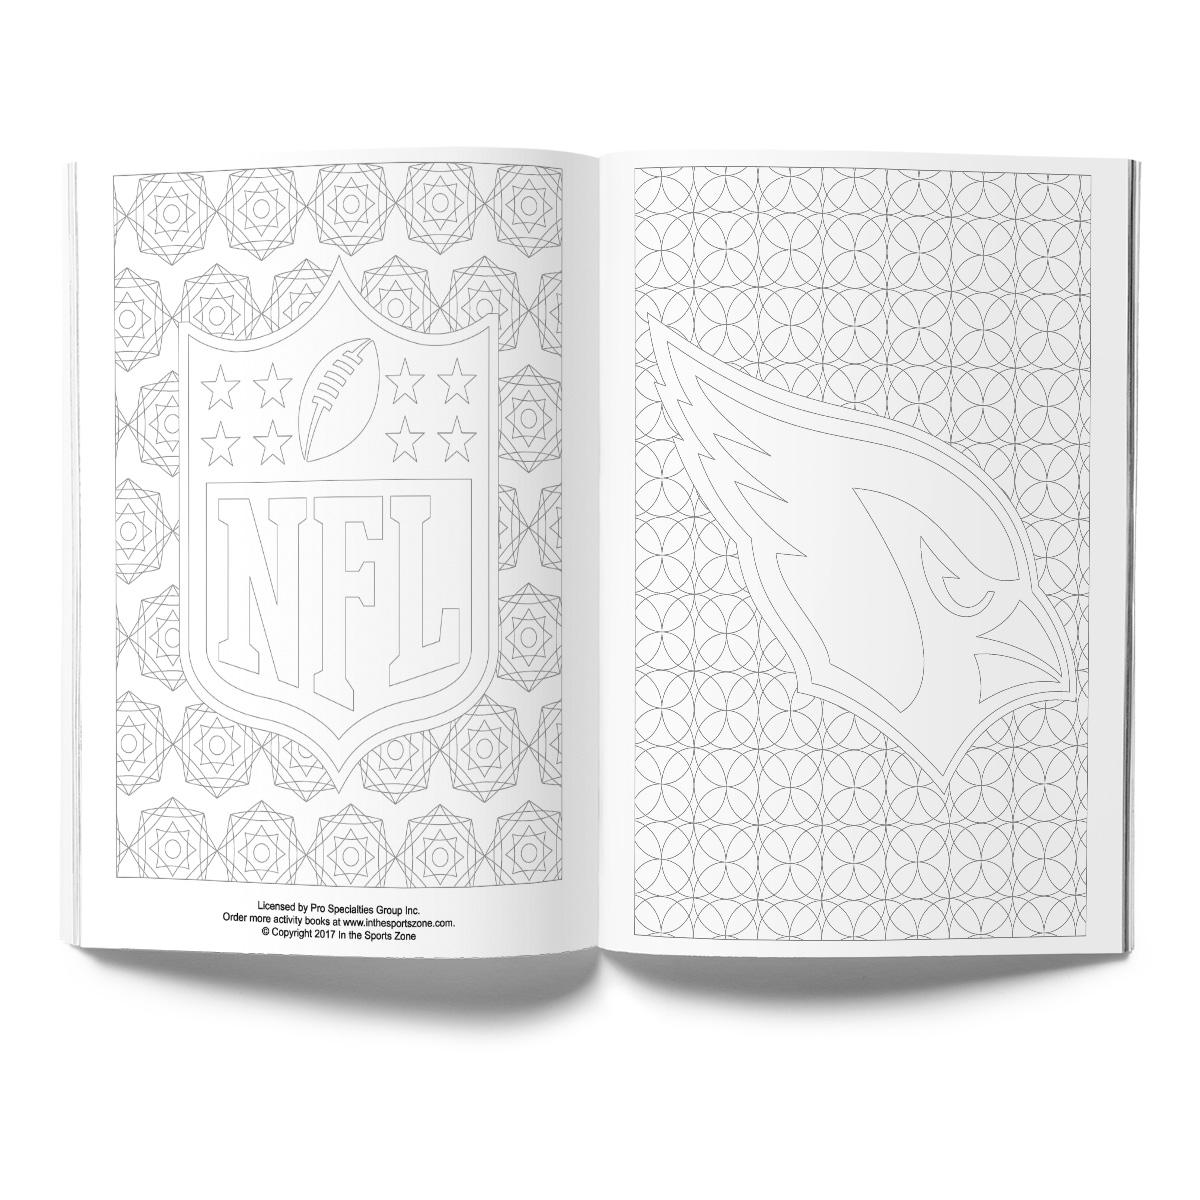 Arizona Cardinals Adult Coloring Book